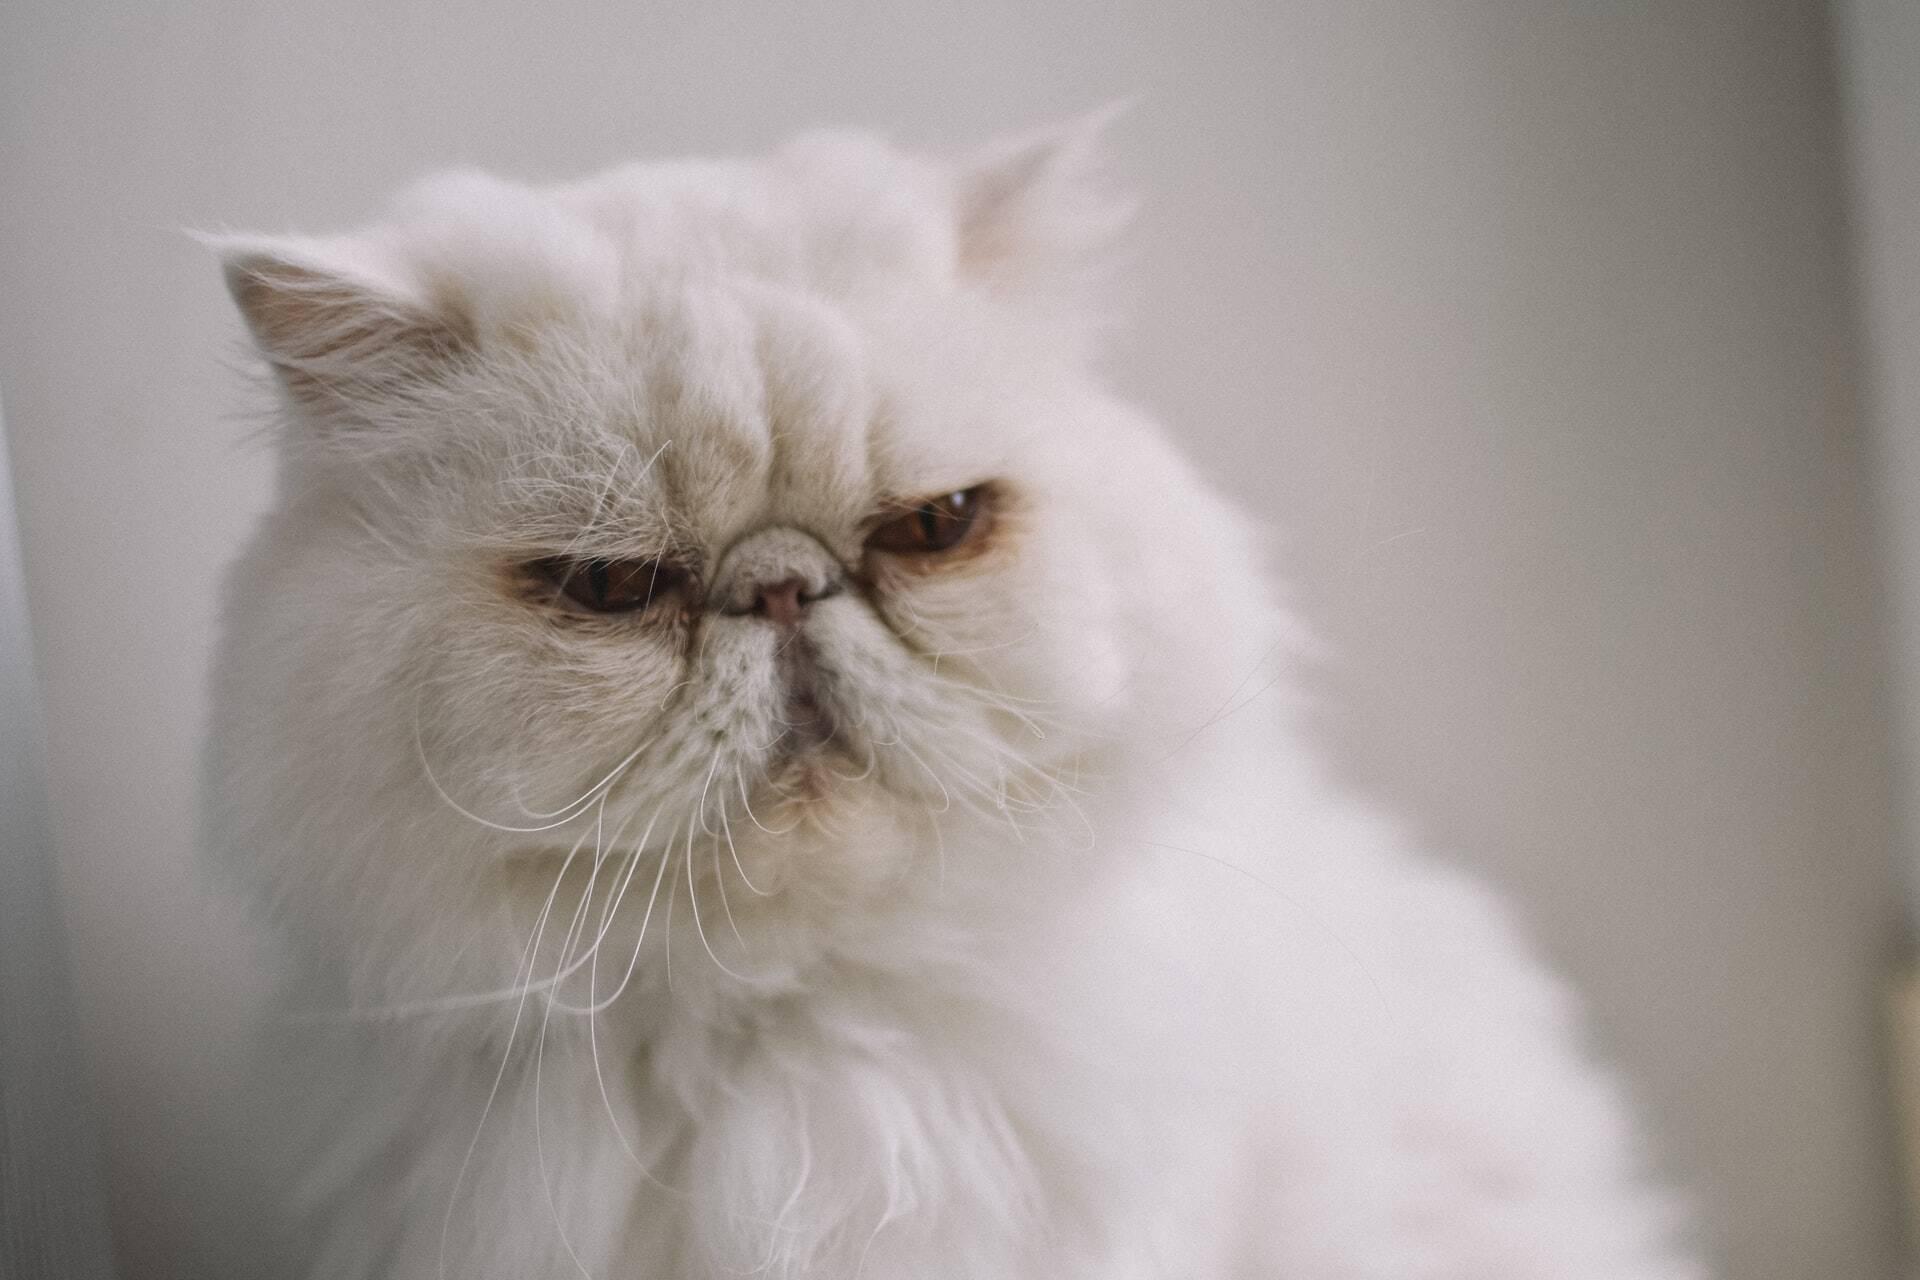 Ação humana deixou alguns gatos com uma careta que os impede de expressar emoções, diz estudo